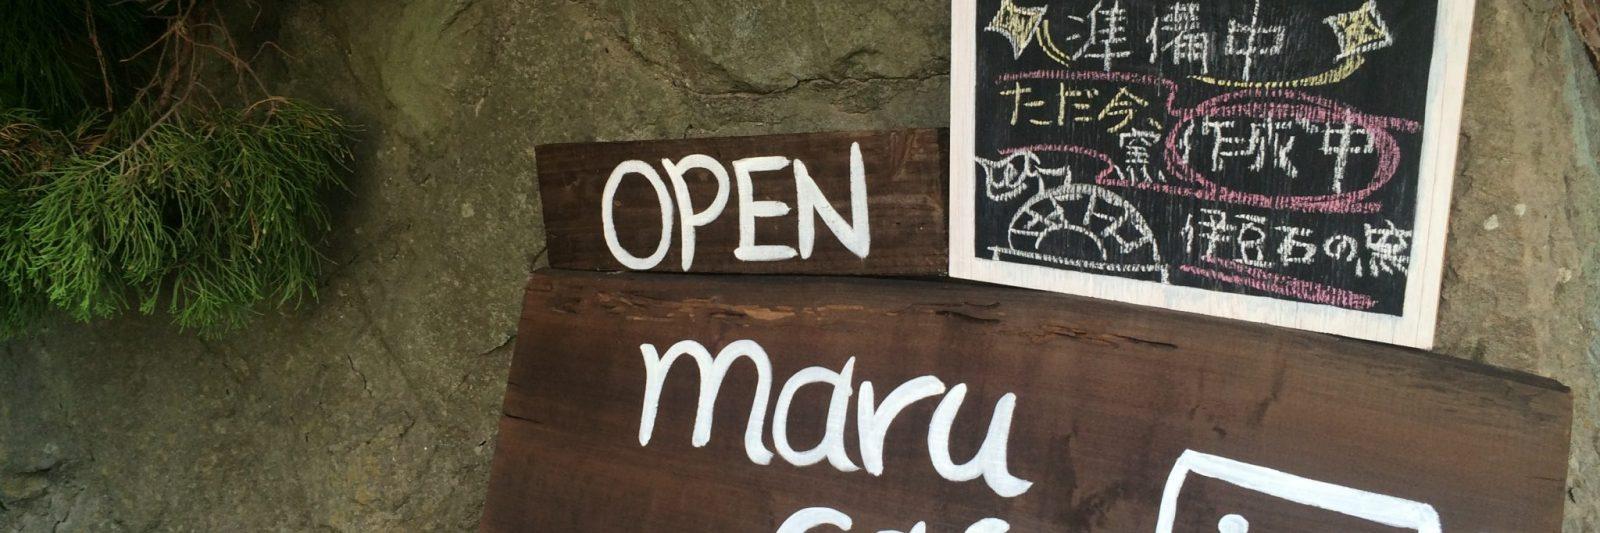 Maru Cafe pizza and more in Kisami Shimoda